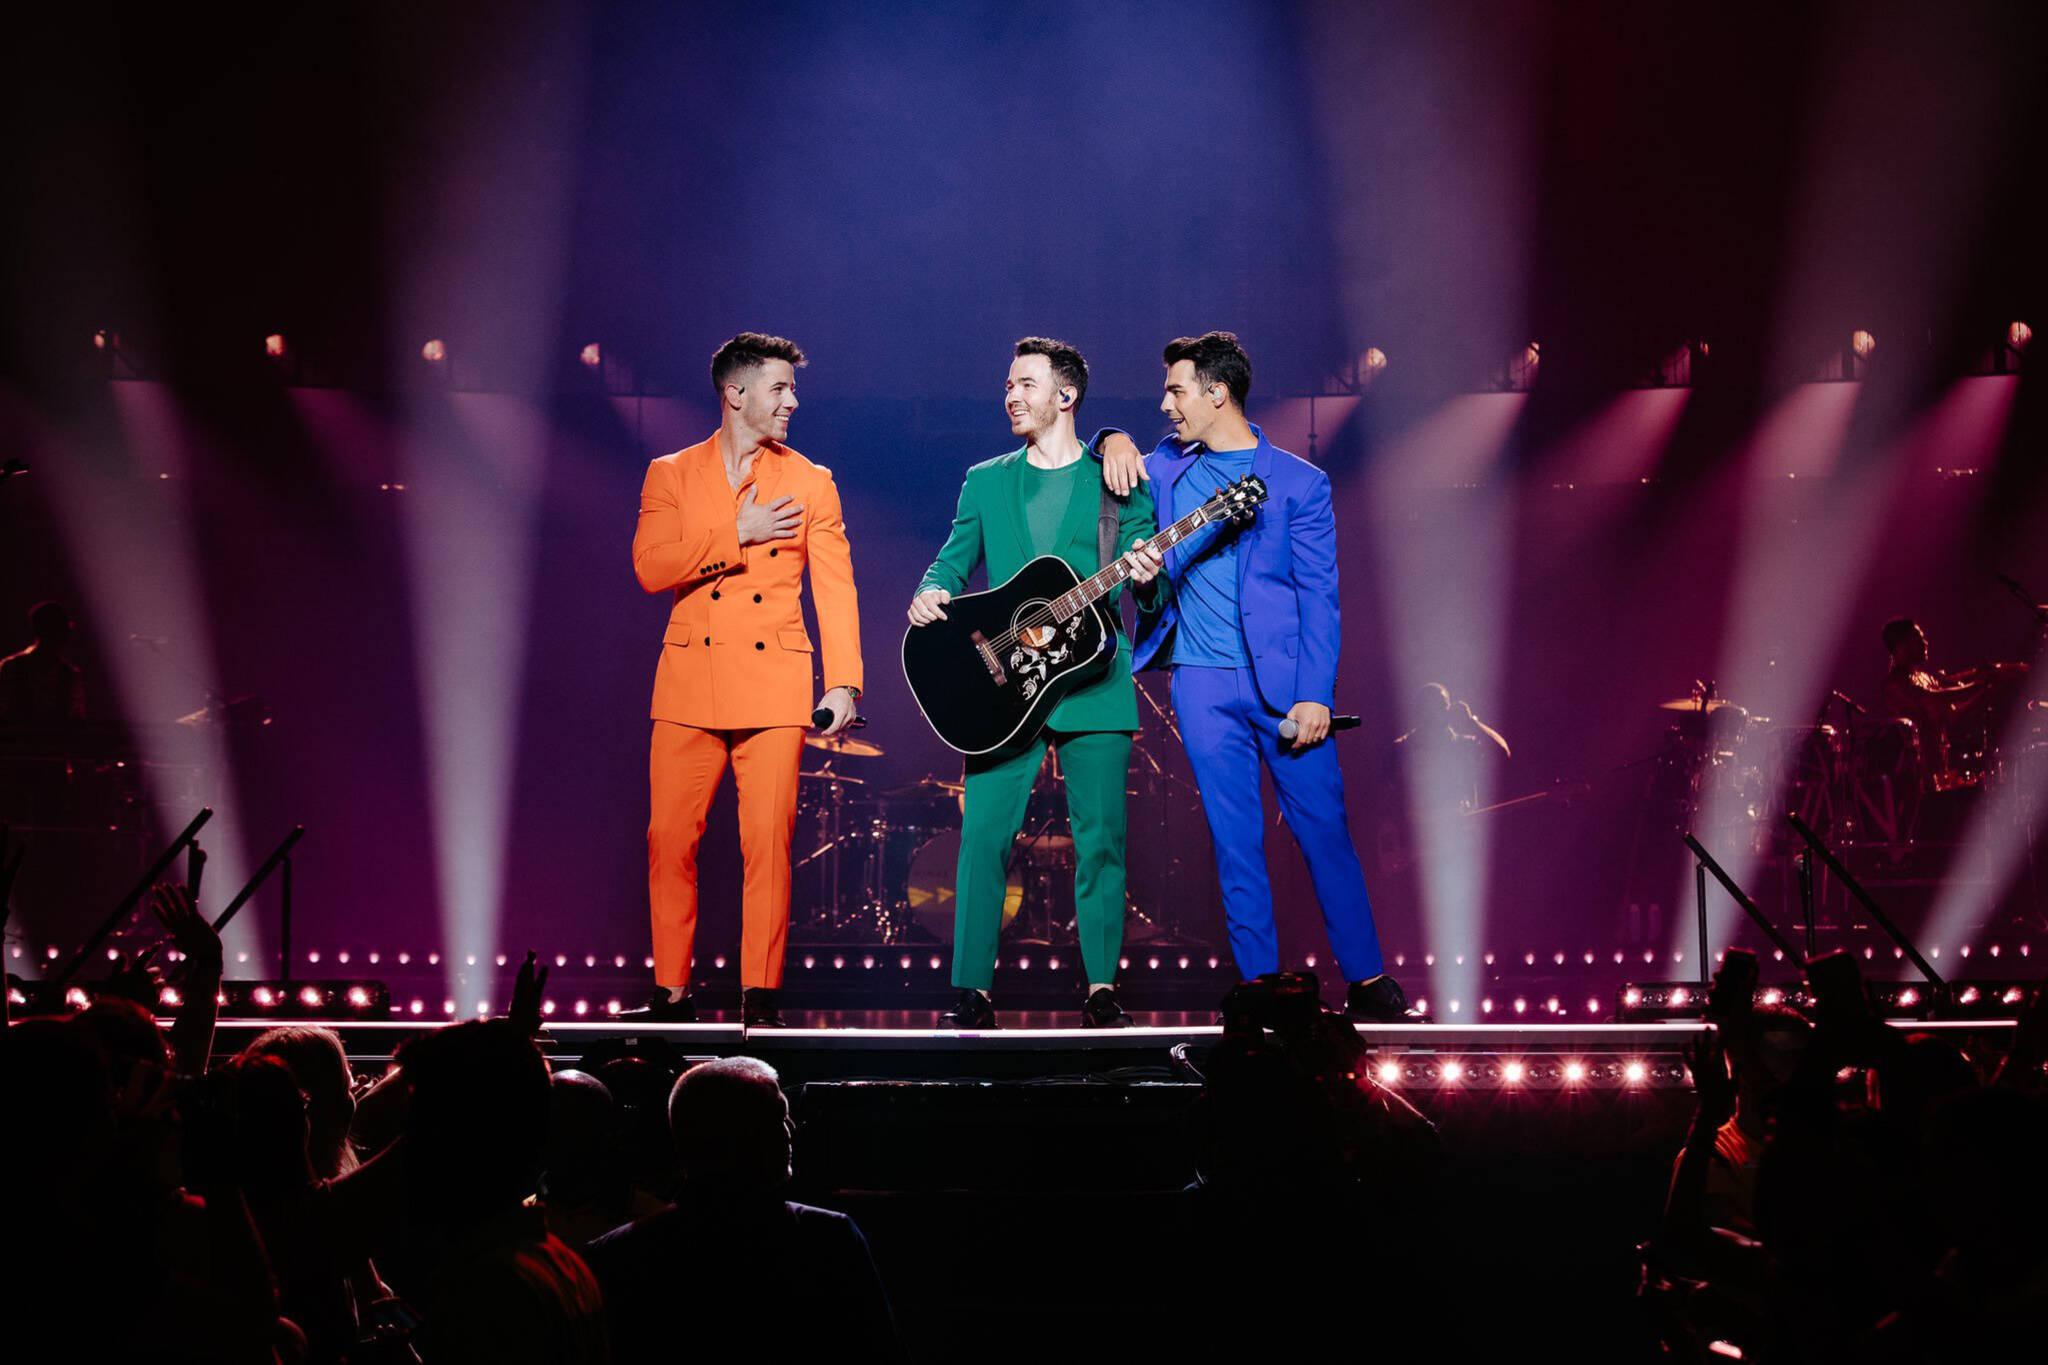 Jonas Brothers Toronto